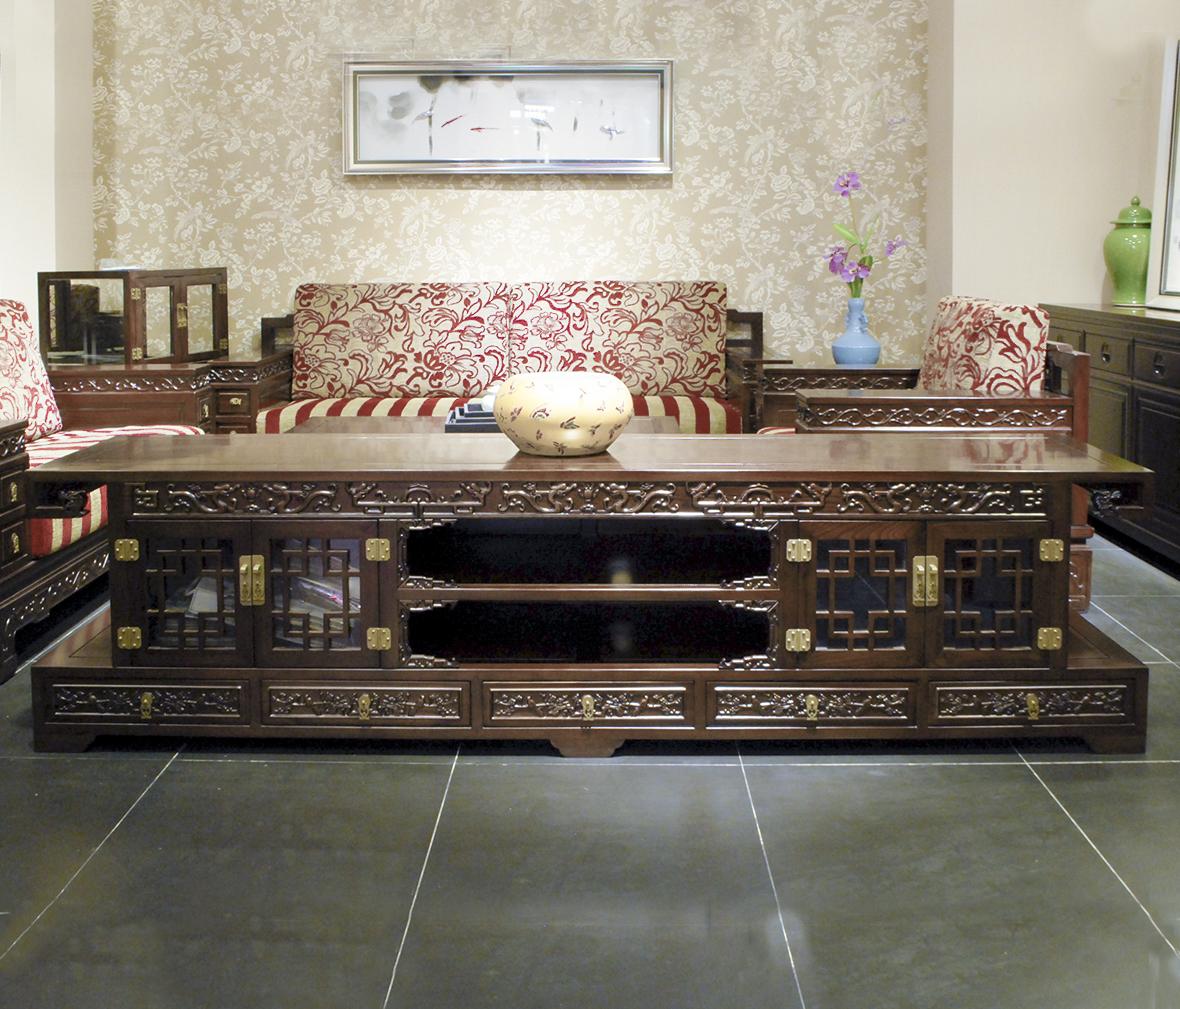 兰鼎犀 ygl-034型号 满雕电视柜 榆木材质 中式古典